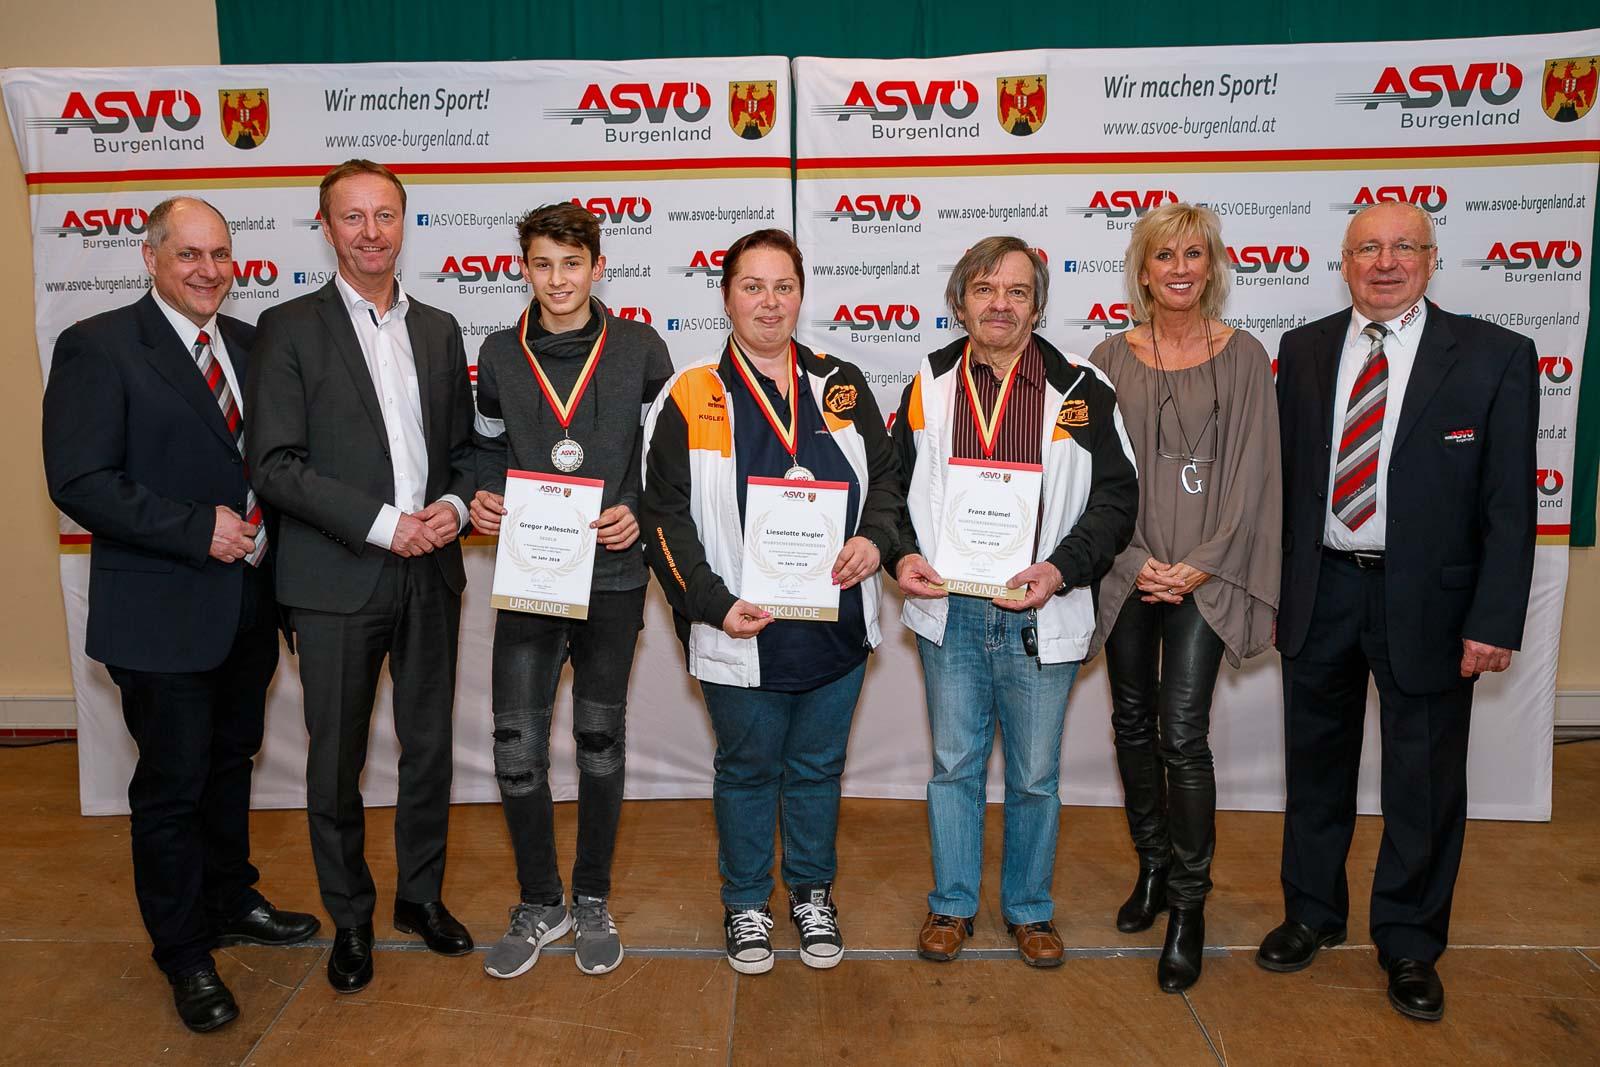 Asvö Topsportler Des Bezirks Eisenstadt Geehrt Asvö Burgenland